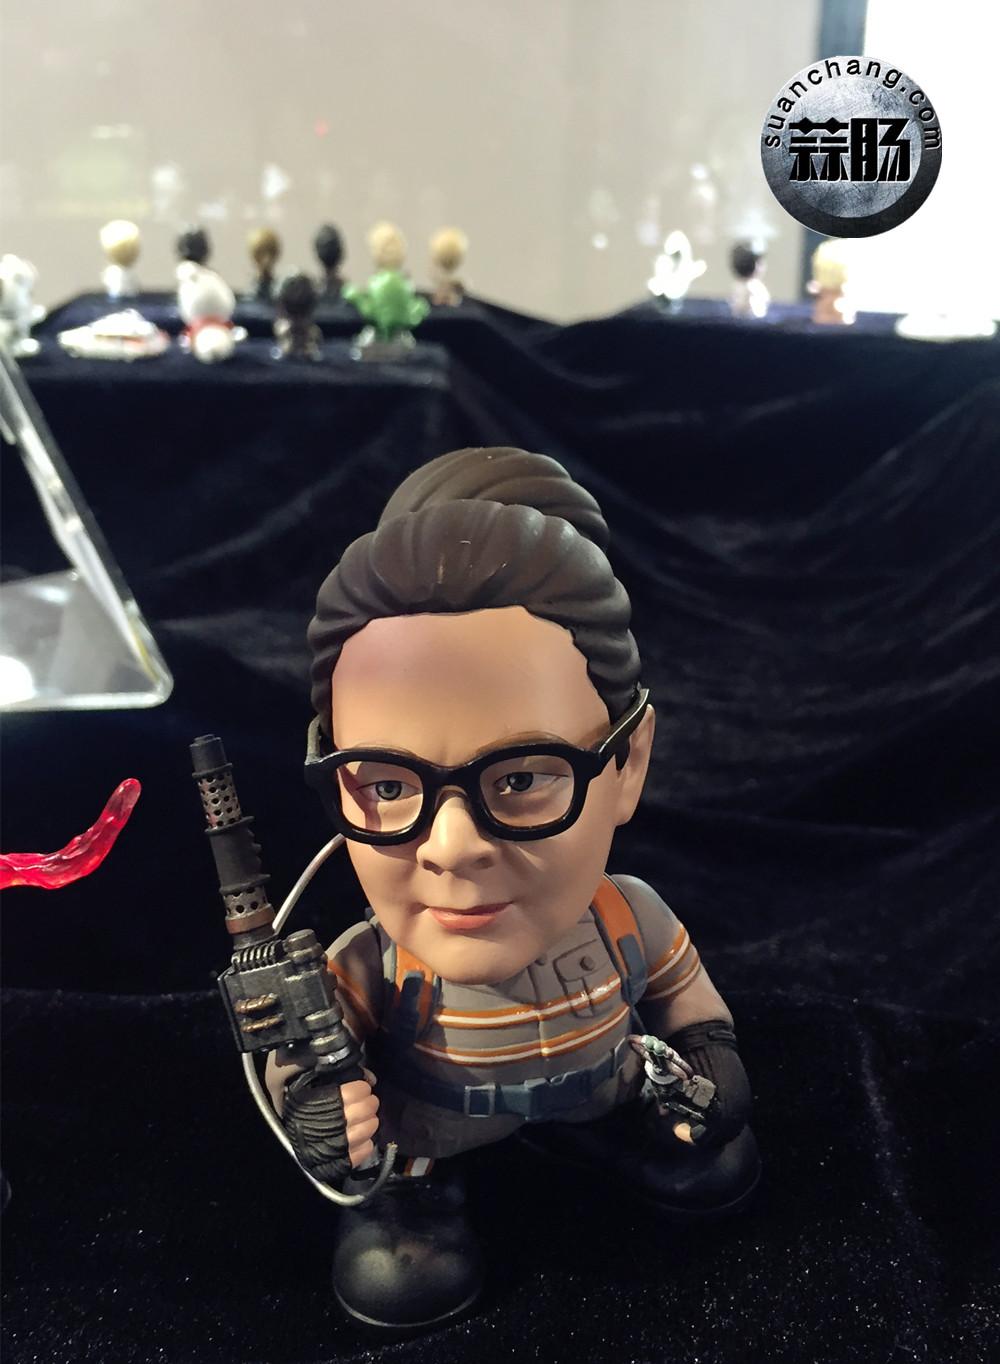 Soldier Story 推出的《捉鬼敢死队3》新角色人偶及周边产品亮相 动态 第8张